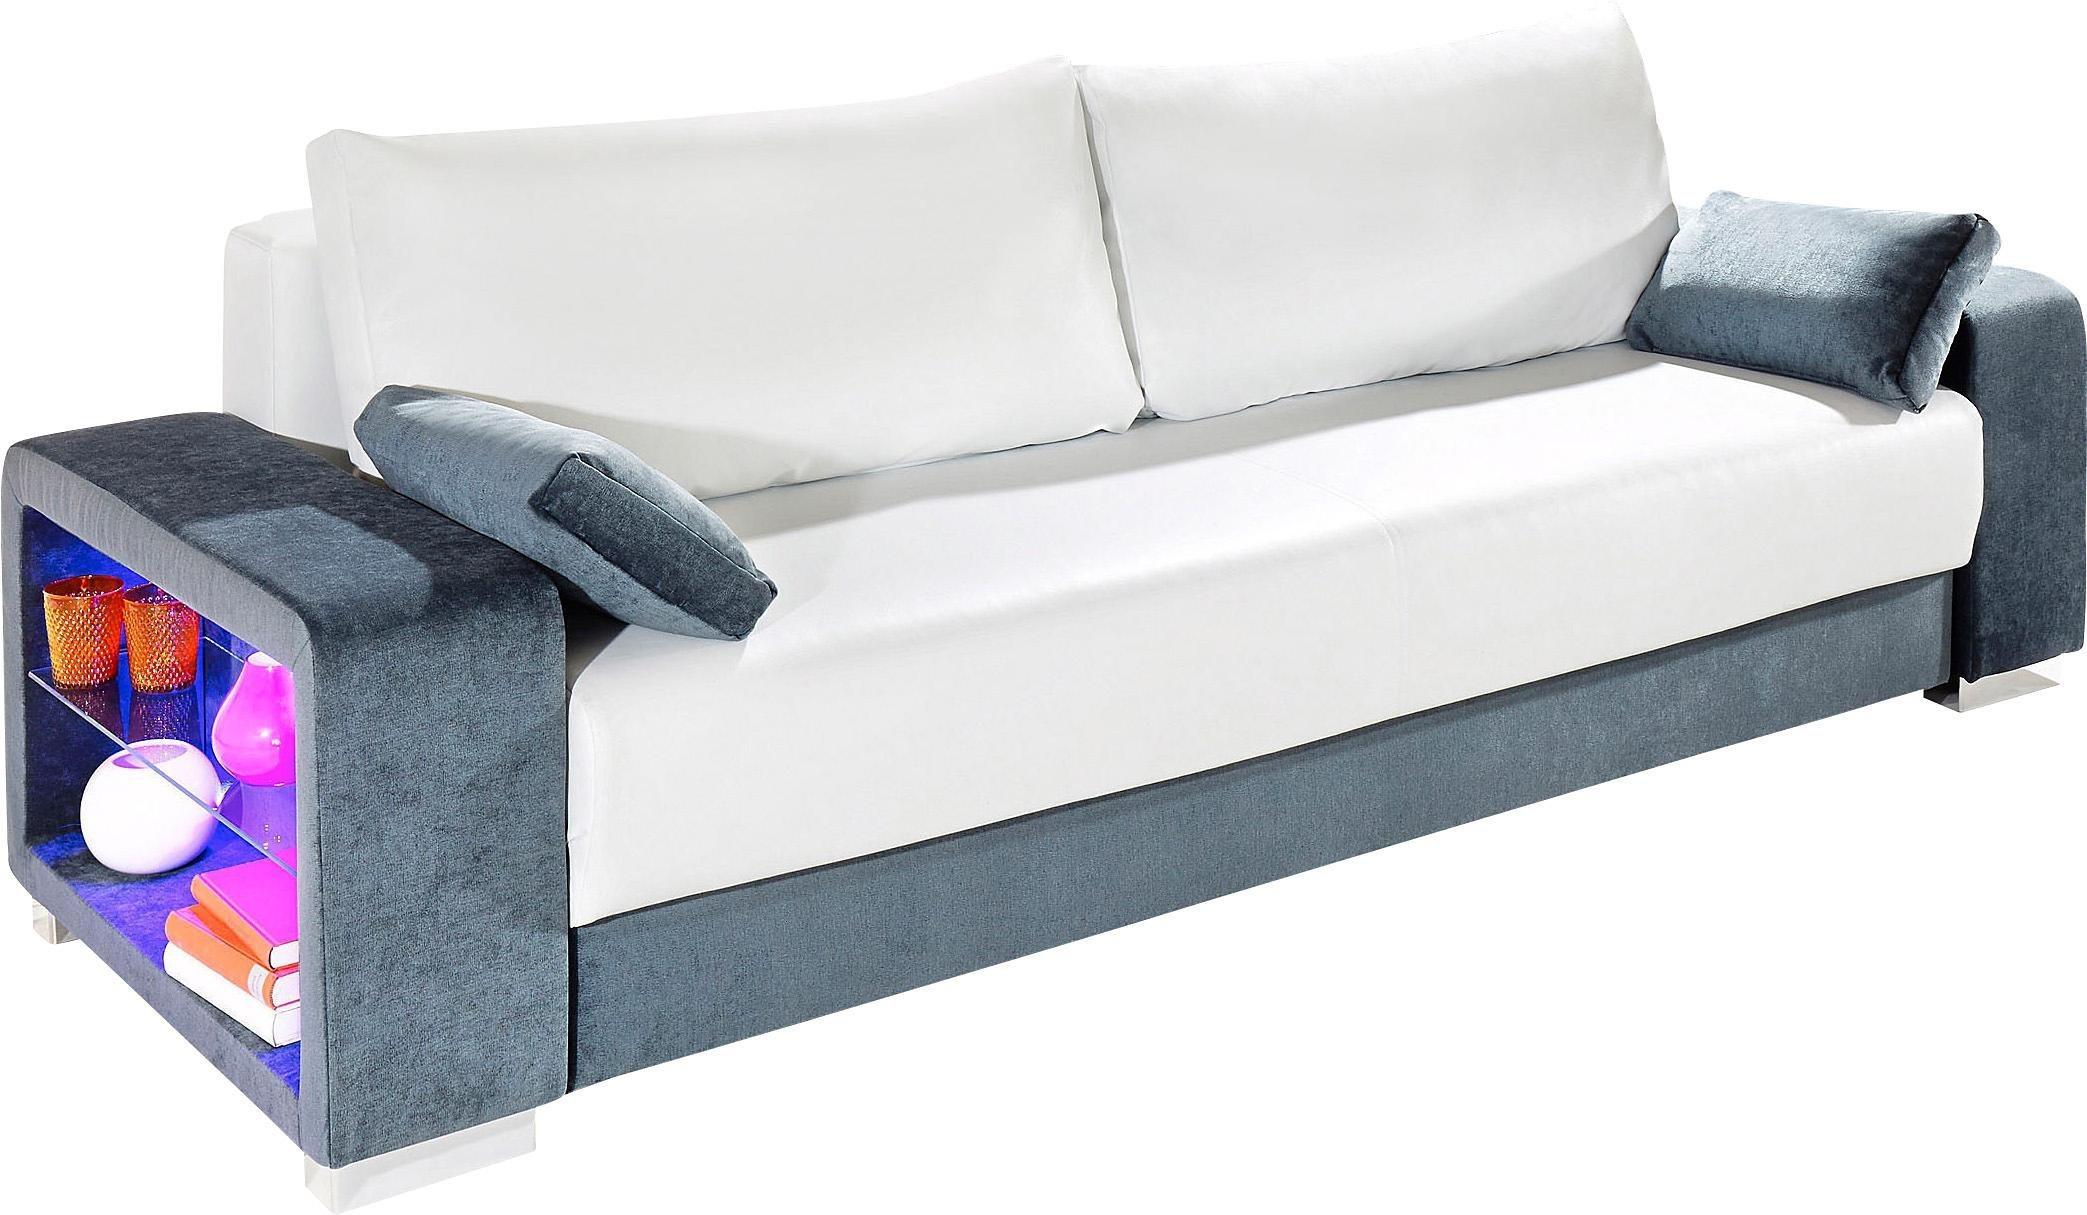 INOSIGN Schlafsofa 3-Sitzer, wahlweise mit Beleuchtung | Wohnzimmer > Sofas & Couches > Schlafsofas | Microfaser - Kunstleder | INOSIGN